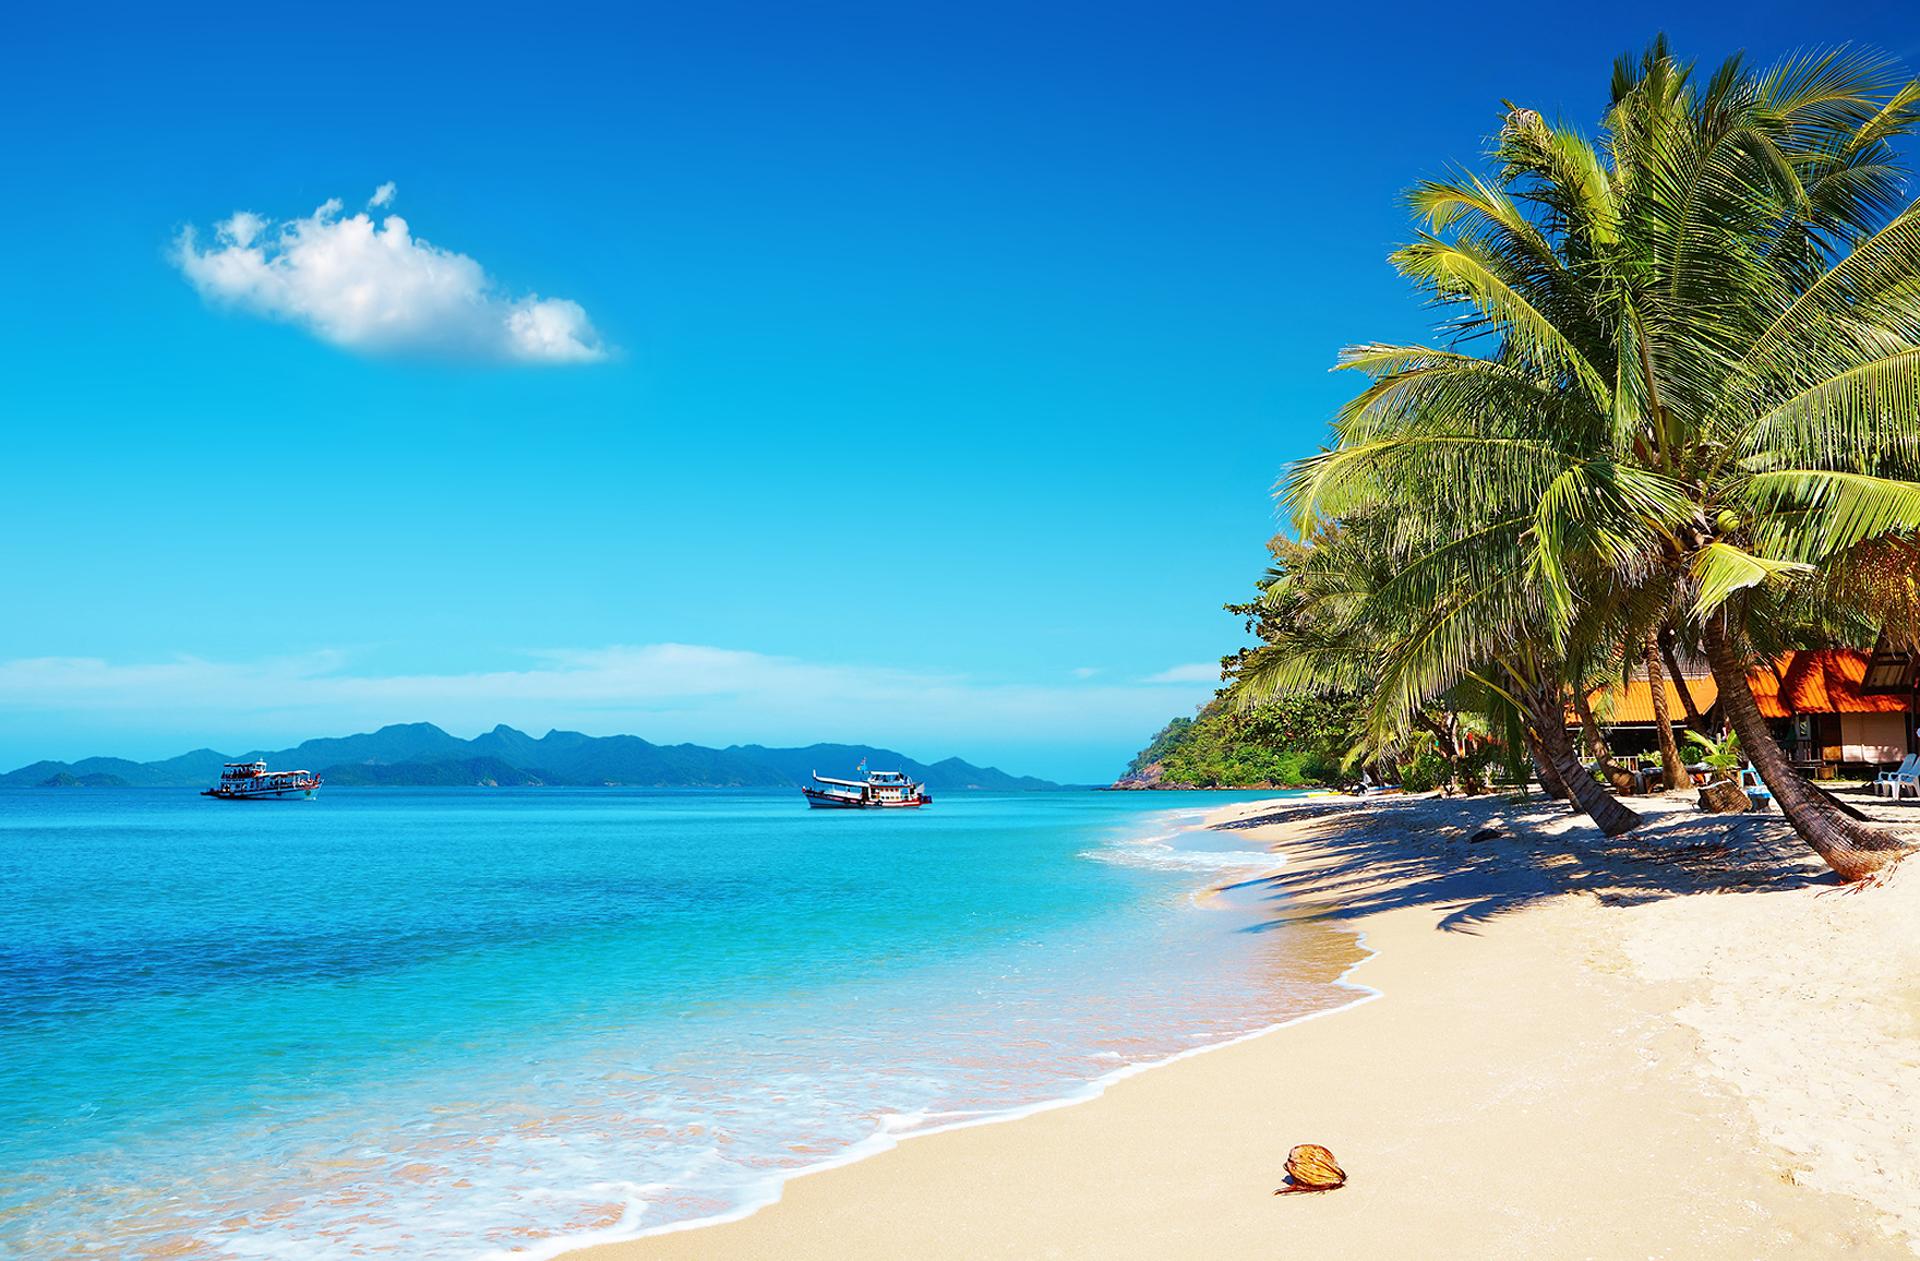 бренды картинки пляжей в хорошем качестве дыхание восхищения